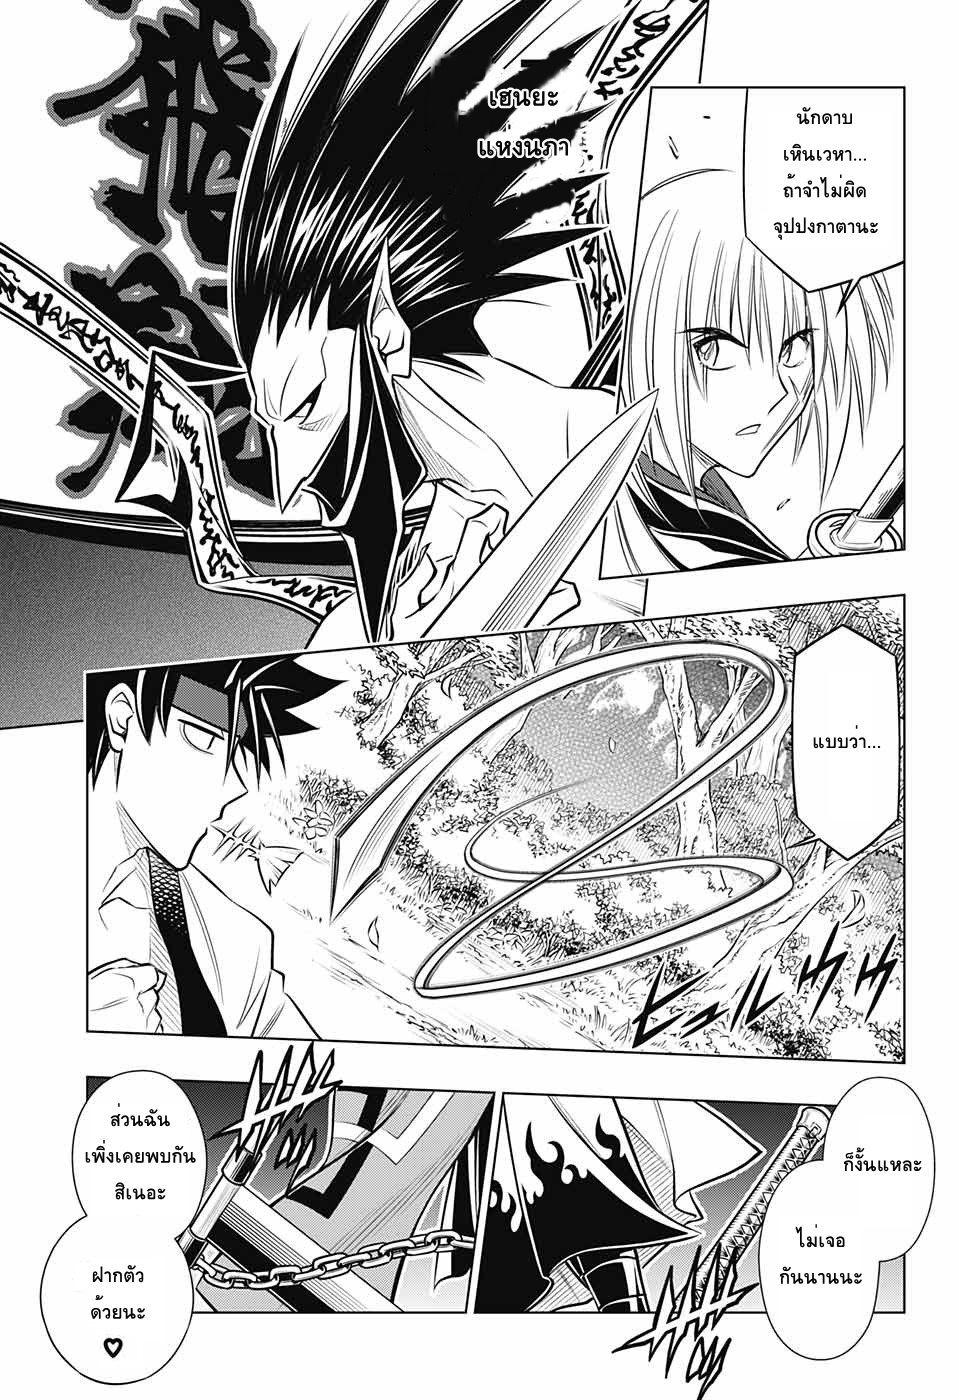 อ่านการ์ตูน Rurouni Kenshin: Hokkaido Arc ตอนที่ 14 หน้าที่ 9